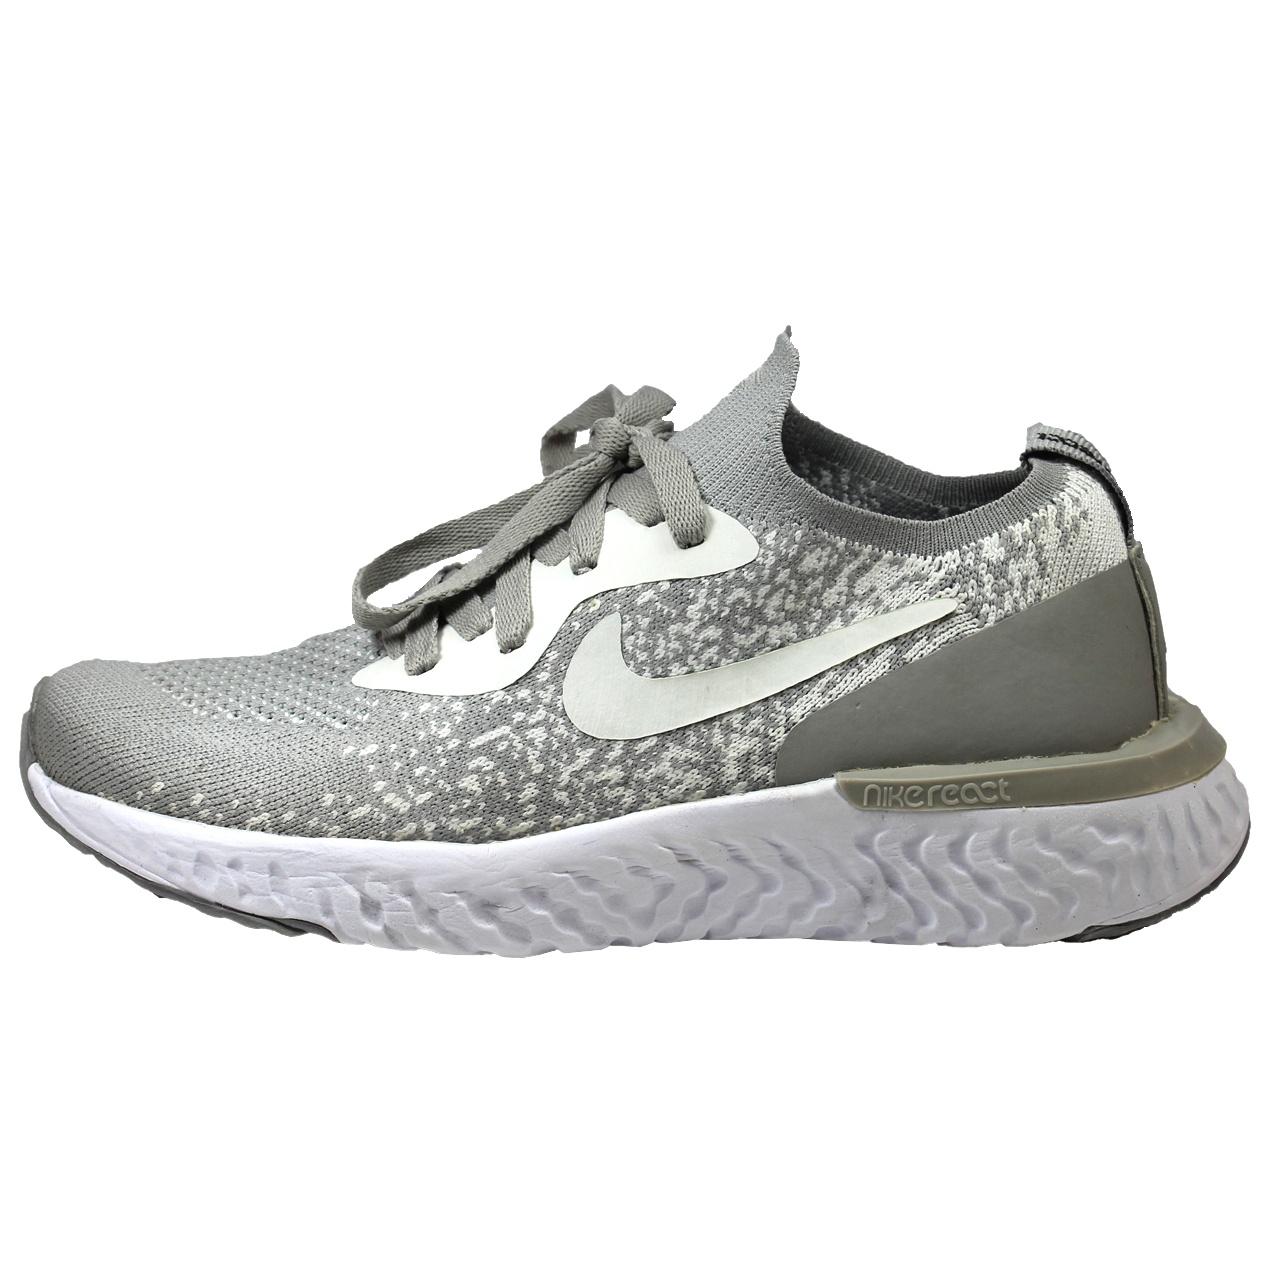 کفش مخصوص دویدن زنانه مدل ری اکت کد 314